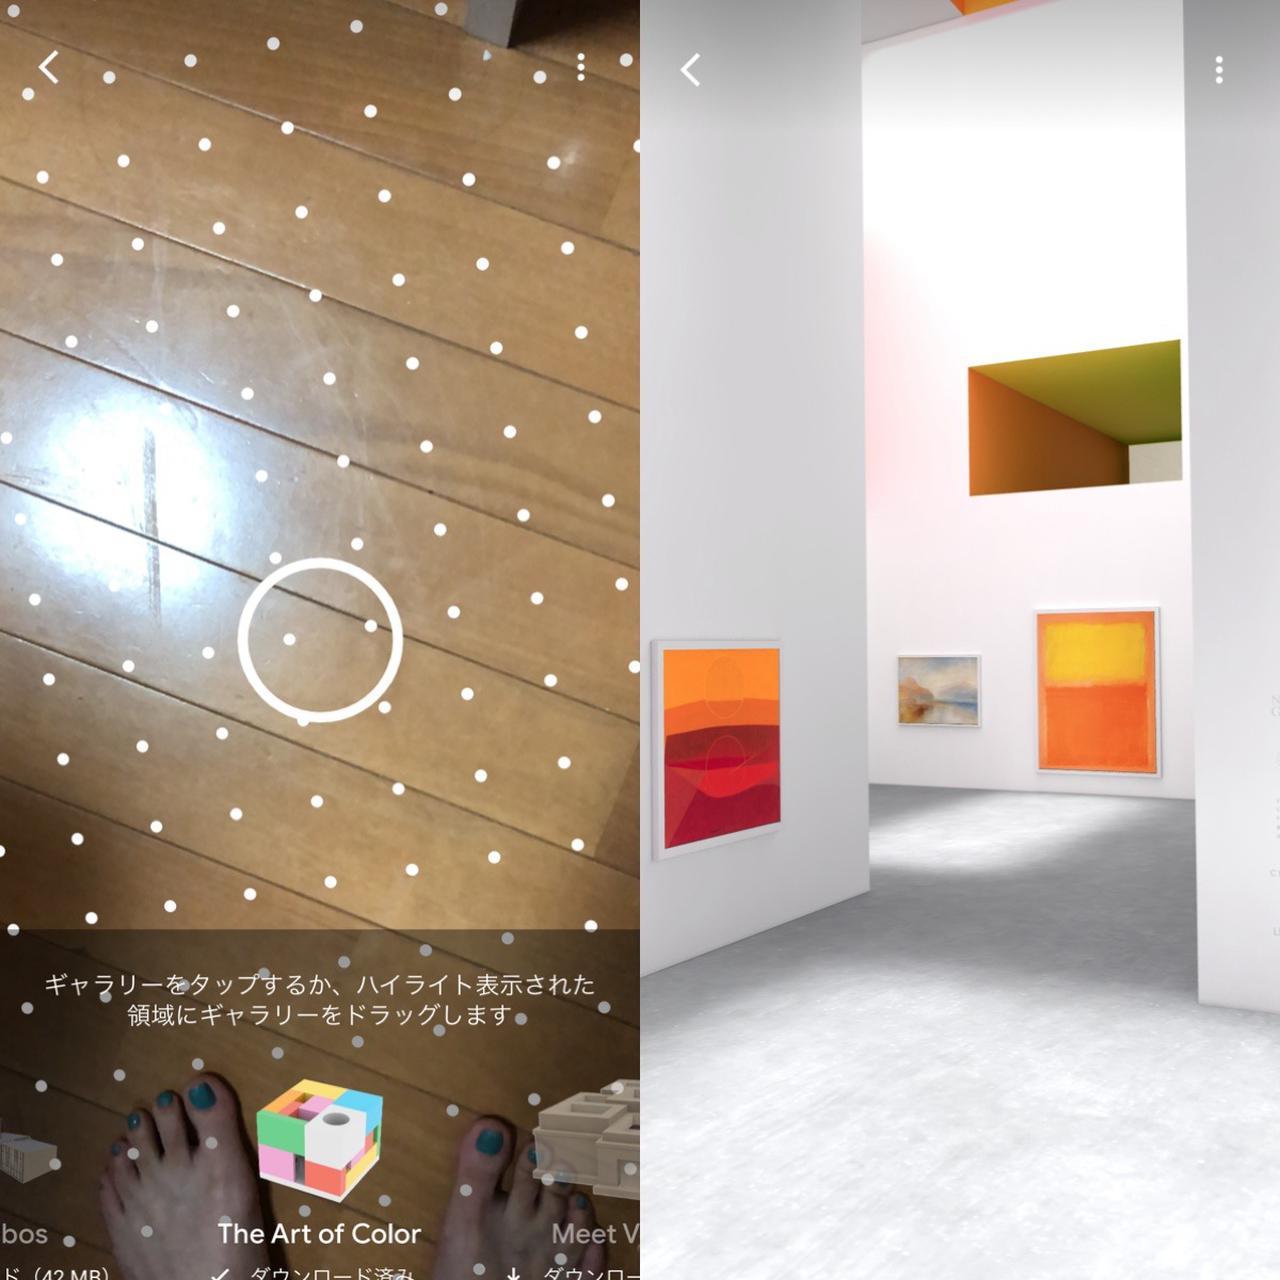 画像6: ARや絵画風加工、似ている作品探しとカメラを使ったおもしろ機能も。